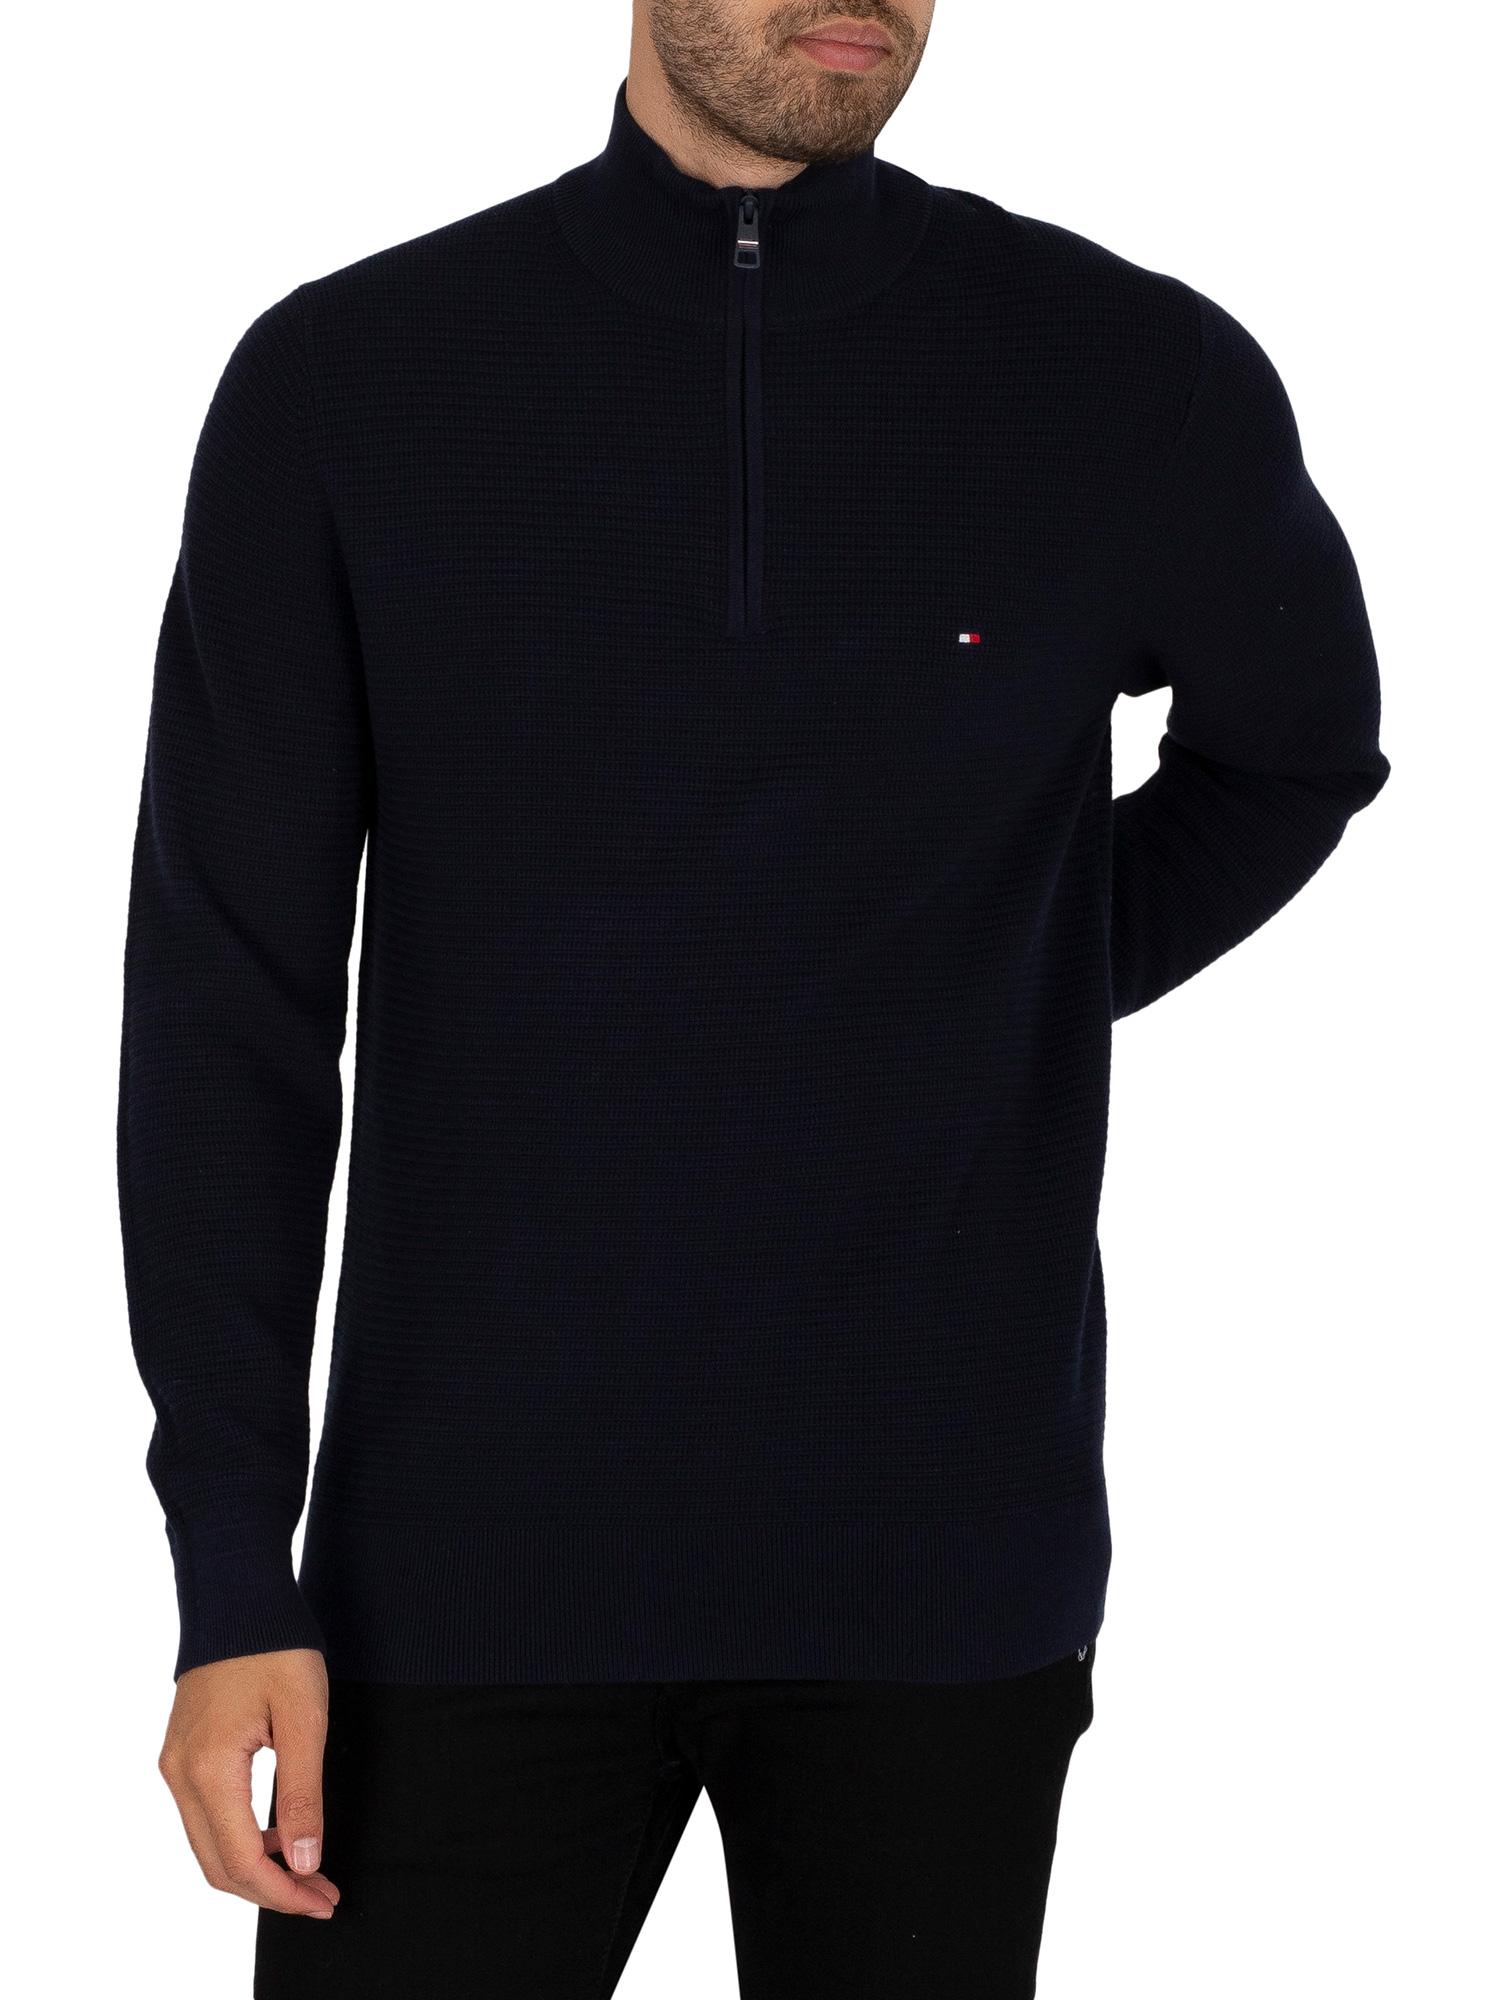 Structure Zip Mock Sweatshirt